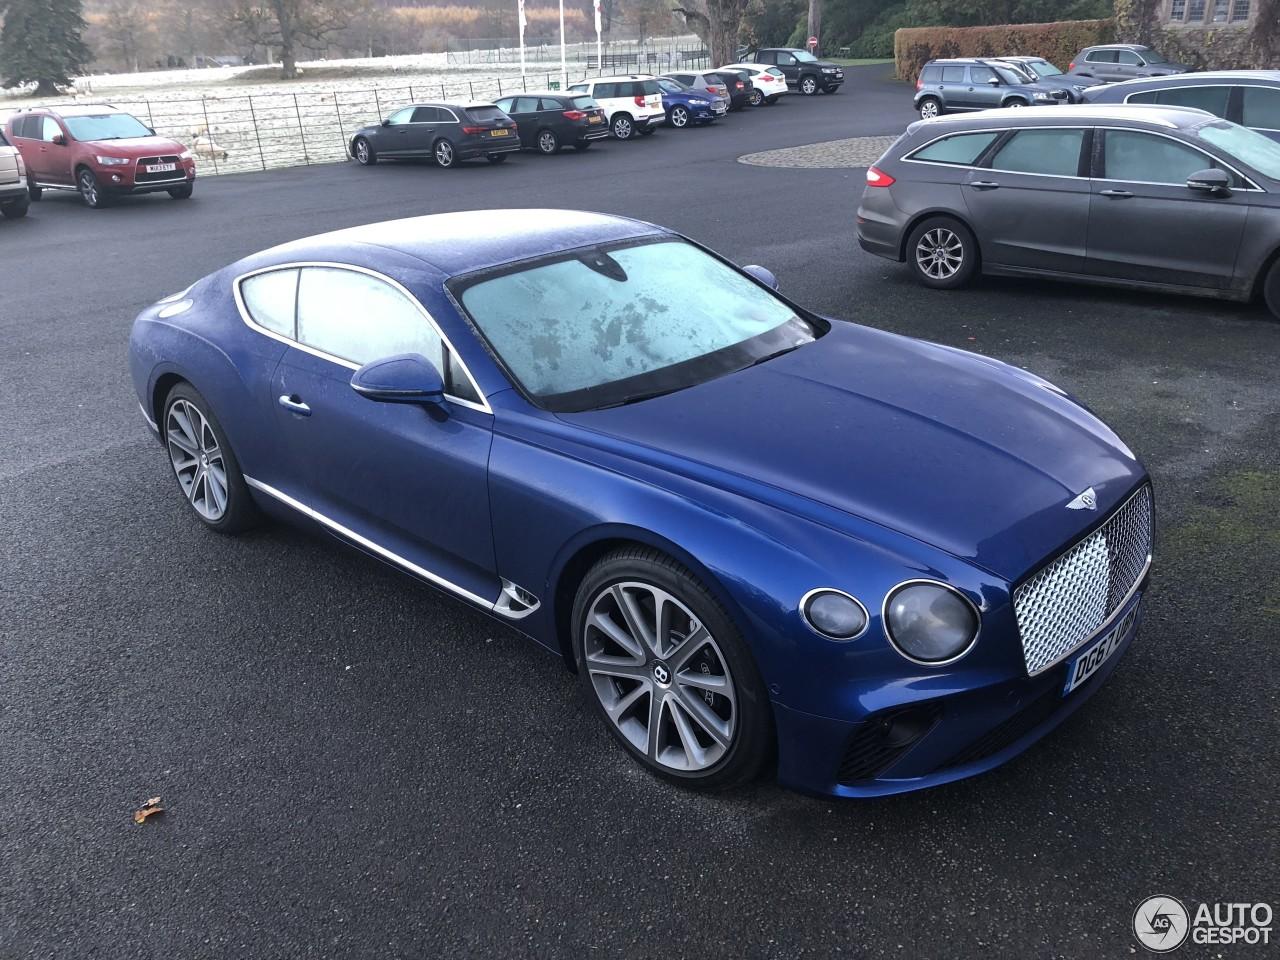 Bentley Continental Gt 2018 15 November 2017 Autogespot